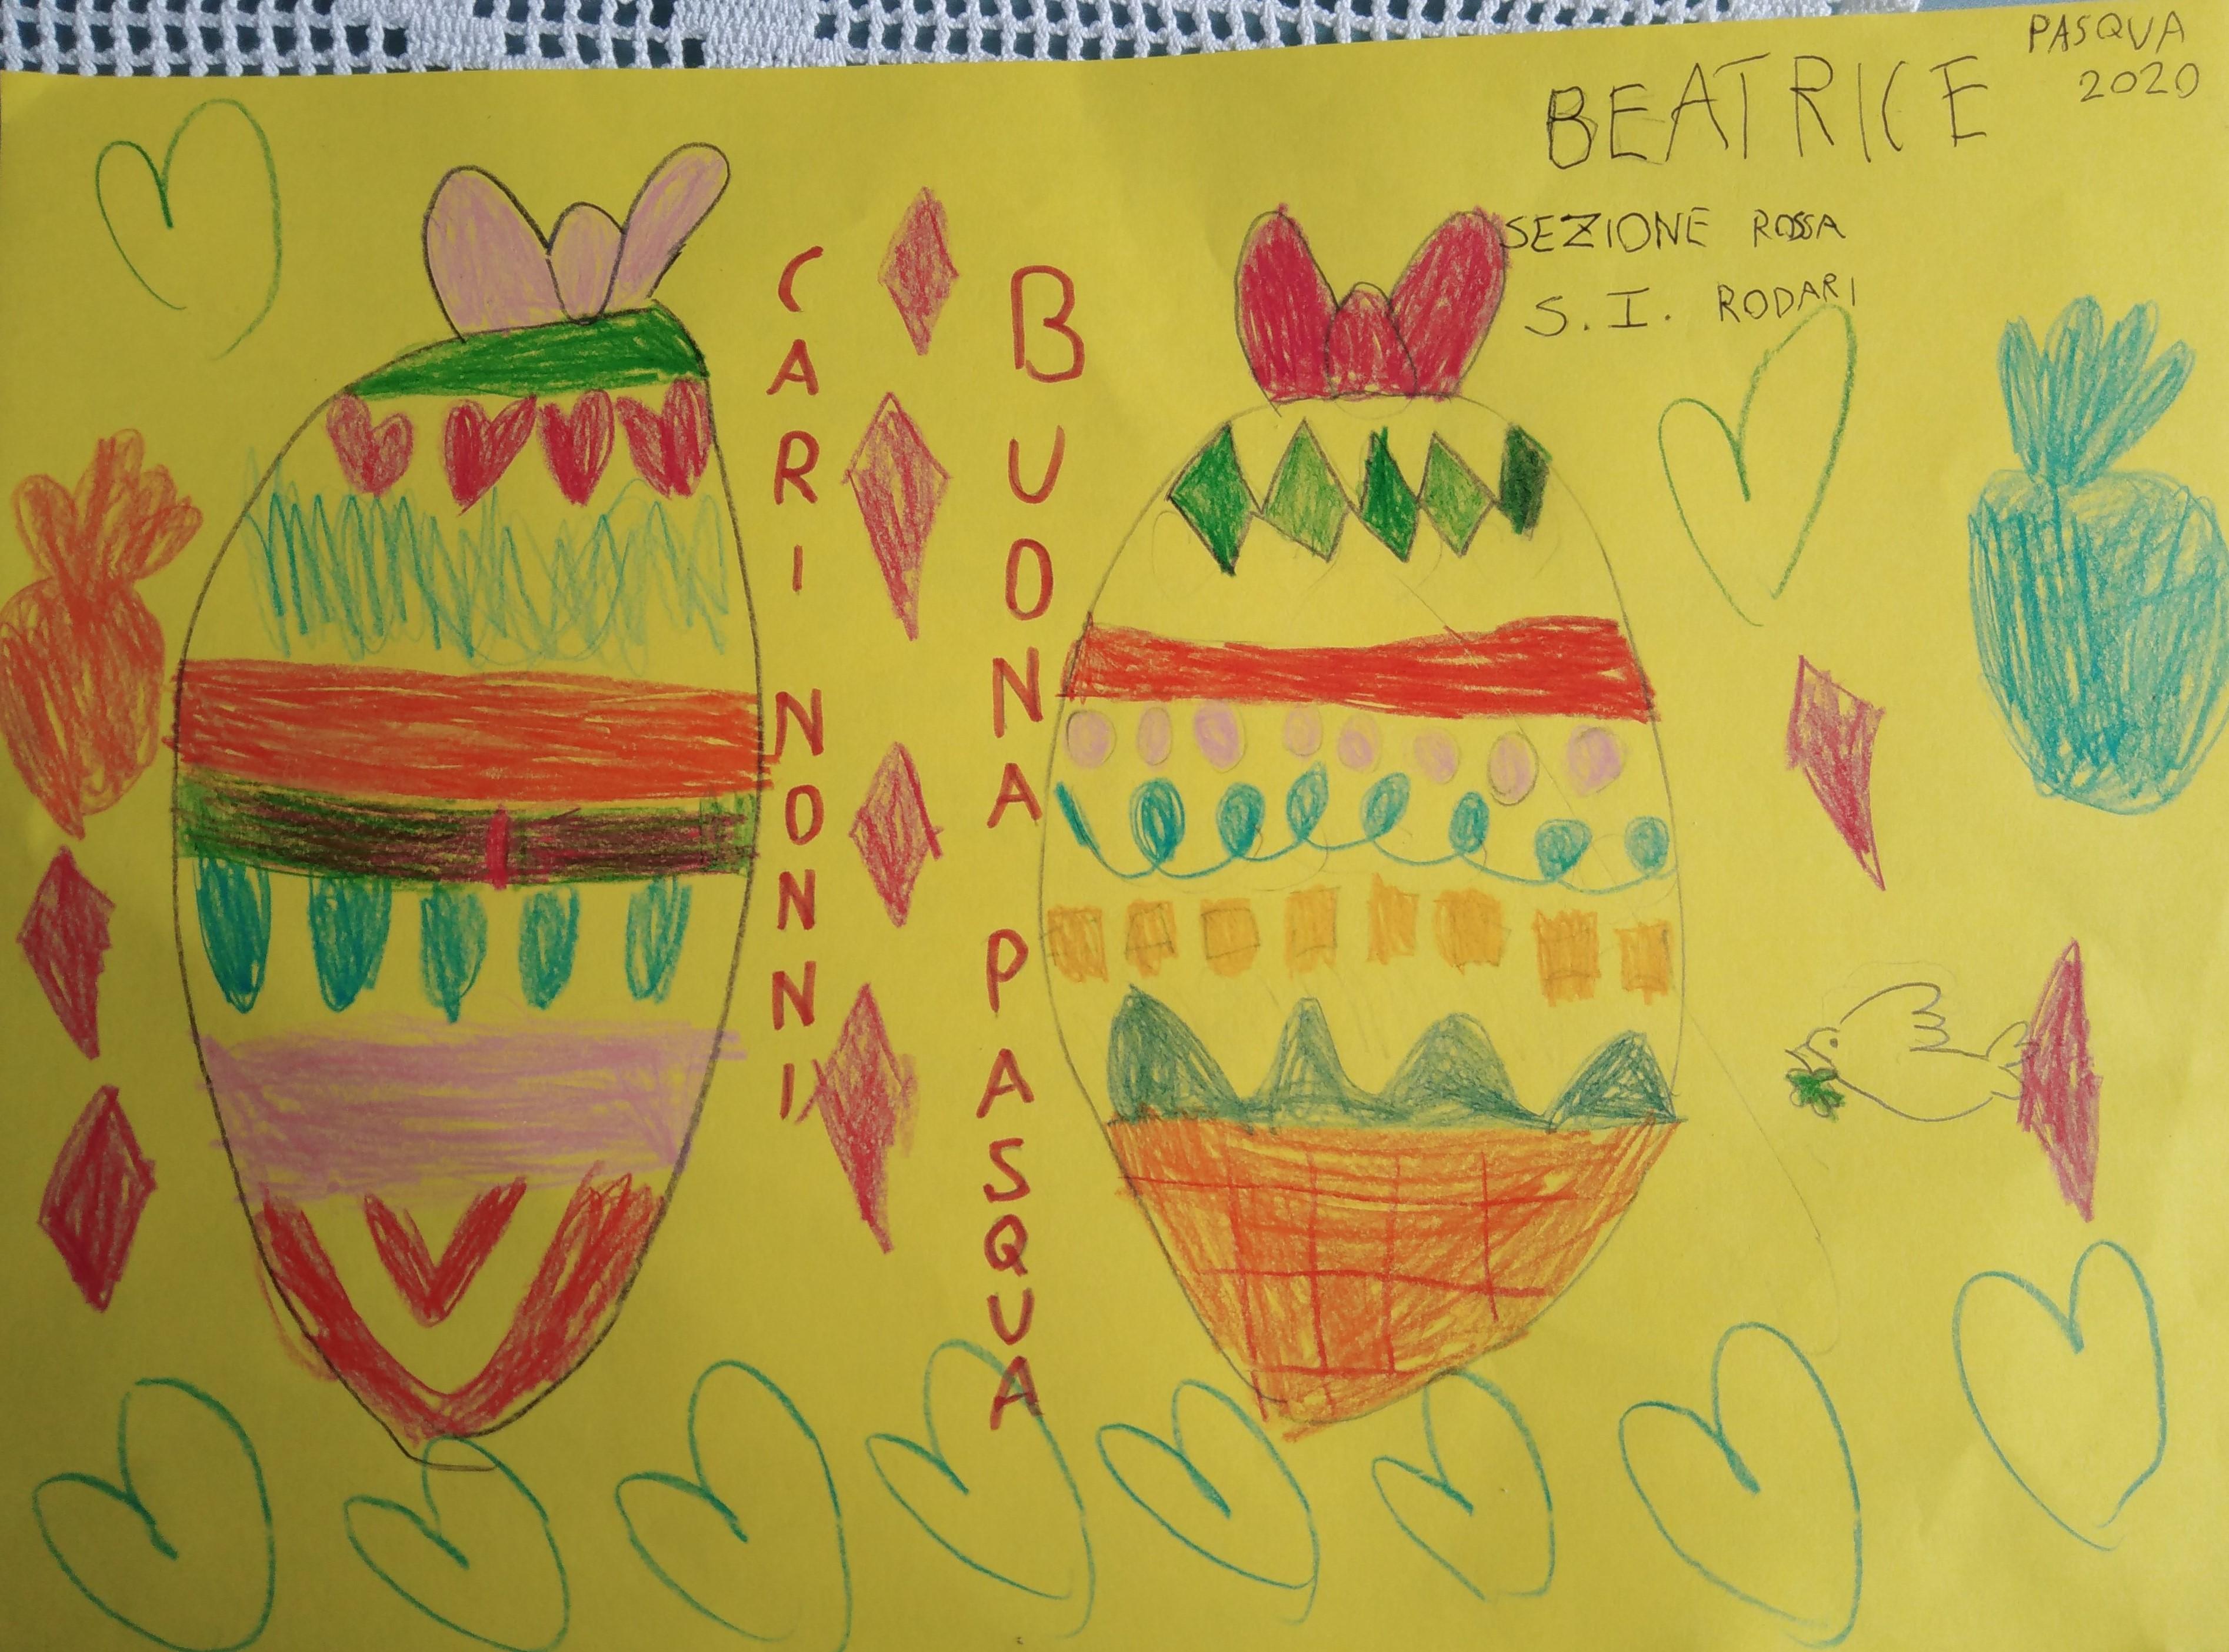 da-BEATRICE-sezione-rossa-scuola-infanzia-Rodari